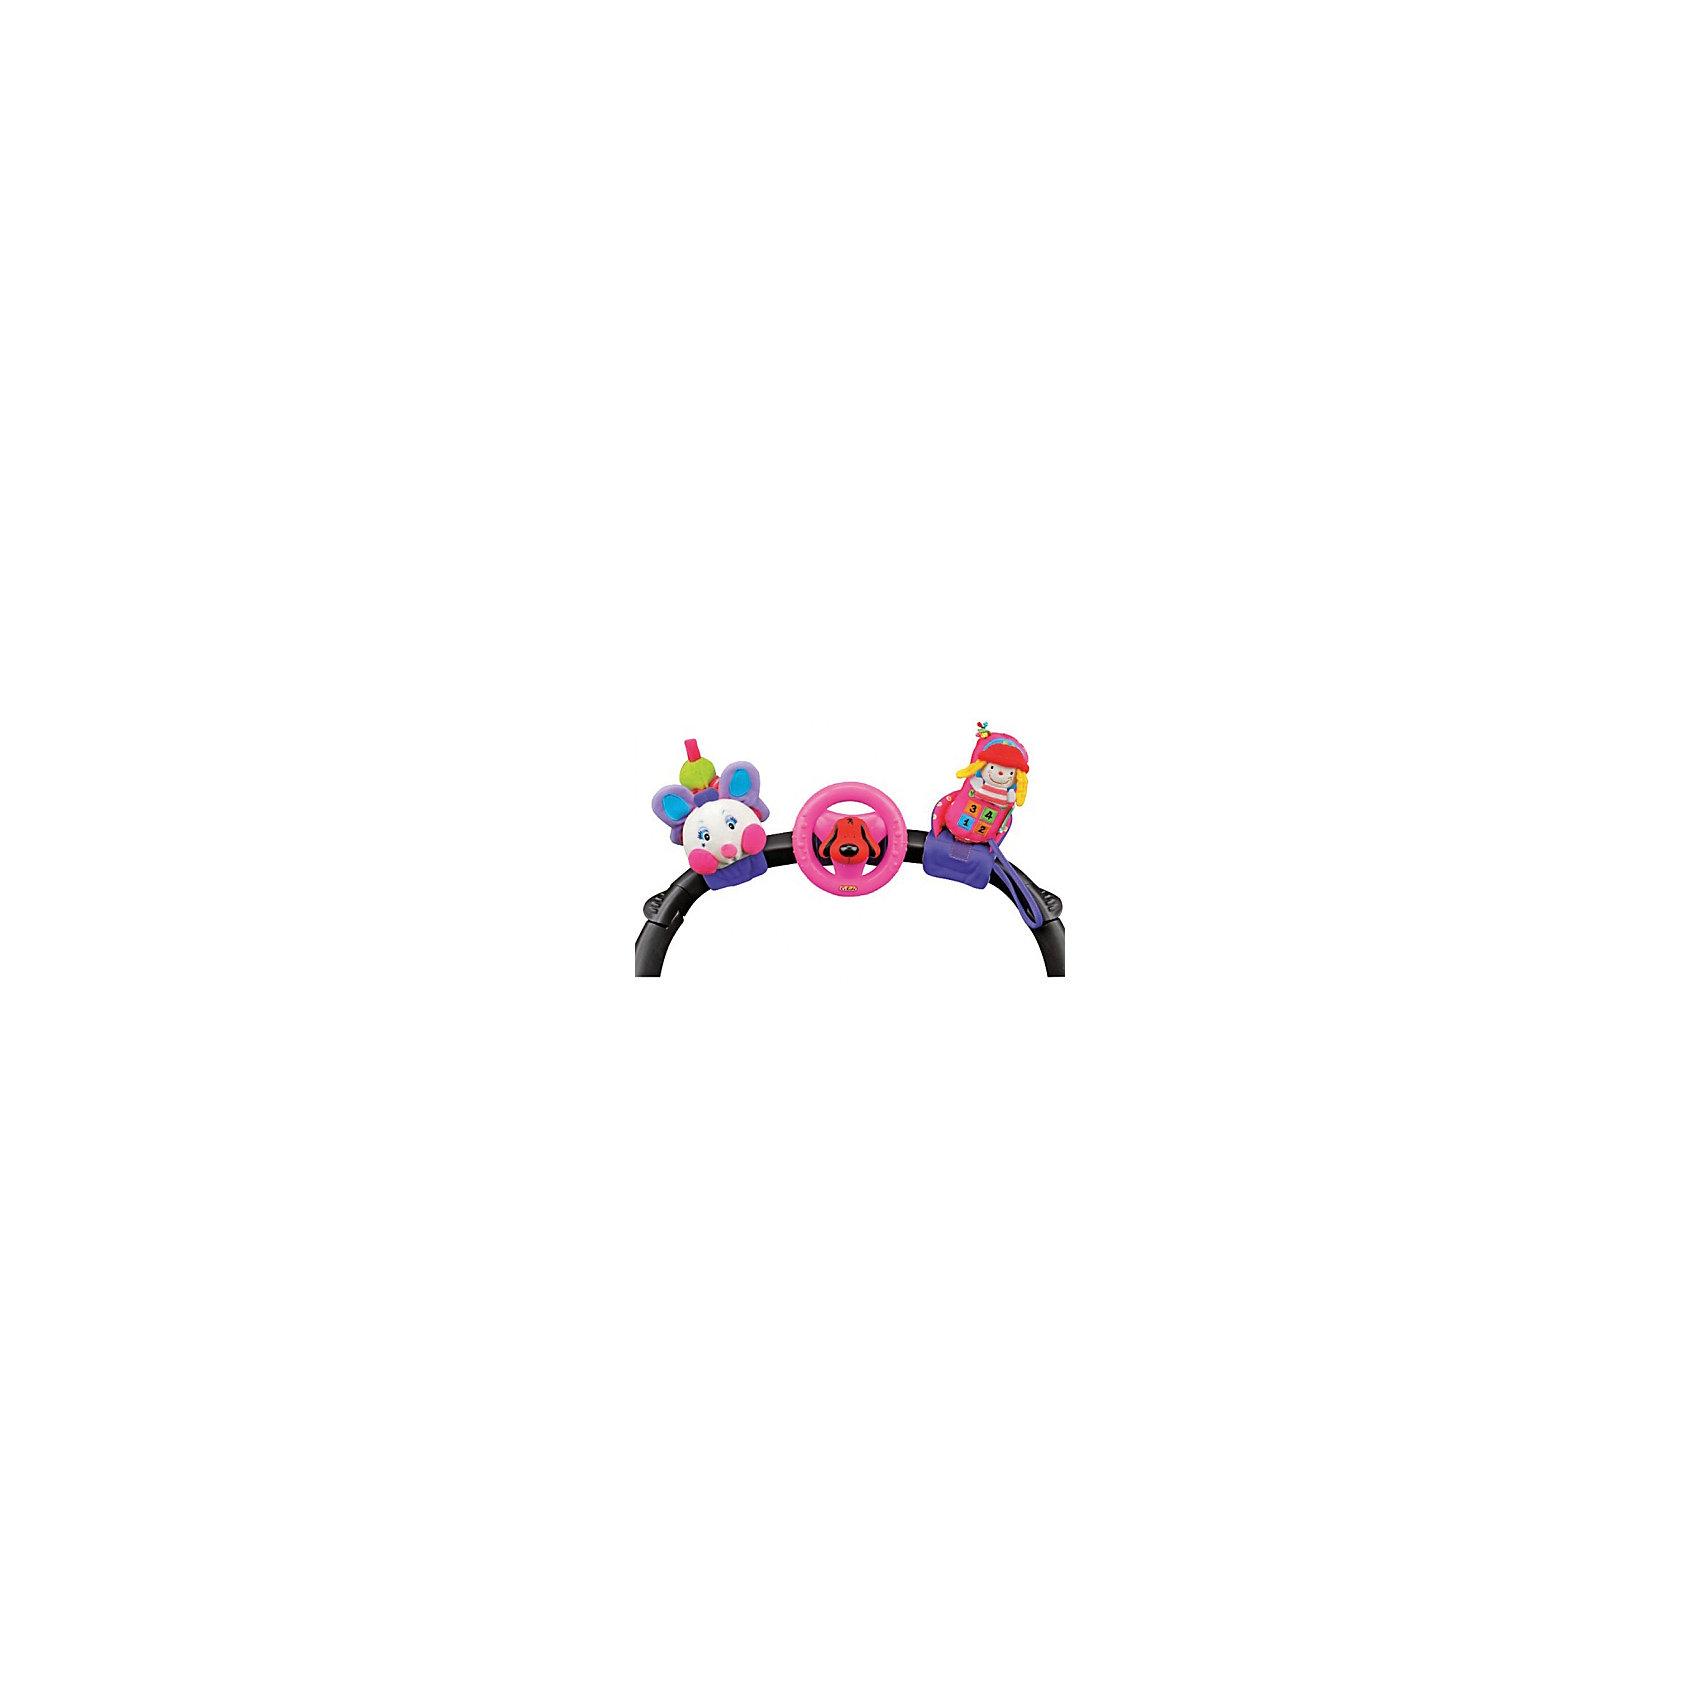 Набор игрушек для коляски: гусеничка, руль, телефон, Ks KidsПодвески<br>Набор игрушек для коляски: гусеничка, руль, телефон, Ks Kids (Кс Кидс) ? универсальные игрушки, которые можно прикрепить к бортикам кроватки, на ручку коляски. Легкие по весу с безопасными креплениями-липучками эти игрушки можно надевать на ручки ребенка. В комплект входят три игрушки: руль, гусеничка и телефон. Каждая игрушка оснащена звуковыми эффектами: гусеничка шуршит и вибрирует, руль вращается и при нажатии издает звук клаксона, а телефон бренчит за счет встроенной в него погремушки.<br>Игрушки набора Ks Kids можно использовать отдельно. Изготовлены из безопасных и нетоксичных материалов. Разнообразная текстура игрушек позволит развивать тактильное восприятие, а яркие цвета будут формировать у малыша зрительное восприятие.<br>Прогулки с  набором игрушек для коляски: гусеничка, руль, телефон, Ks Kids (Кс Кидс) станут увлекательными даже для тех малышей, которые не любят сидеть в коляске.<br><br>Дополнительная информация:<br><br>- Вид игр: развивающие игры<br>- Предназначение: для дома, для улицы<br>- Материал: текстиль, пластик<br>- Размер: руль 12*12*10 см; гусеничка 9*15*11 см; телефон 8*13*8,5 см<br>- Вес всего комплекта: 450 г<br>- Комплектация: гусеничка, руль, телефон<br>- Особенности ухода: ручная стирка или машинная на режиме деликатной стирки, пластиковый руль можно мыть в теплой мыльной воде <br><br>Подробнее:<br><br>• Для детей в возрасте: от 0 месяцев до 1 года<br>• Страна производитель: Китай<br>• Торговый бренд: Ks Kids (Кс Кидс)<br><br>Набор игрушек для коляски: гусеничка, руль, телефон, Ks Kids (Кс Кидс) можно купить в нашем интернет-магазине.<br><br>Ширина мм: 343<br>Глубина мм: 145<br>Высота мм: 120<br>Вес г: 450<br>Возраст от месяцев: 0<br>Возраст до месяцев: 12<br>Пол: Женский<br>Возраст: Детский<br>SKU: 4790447